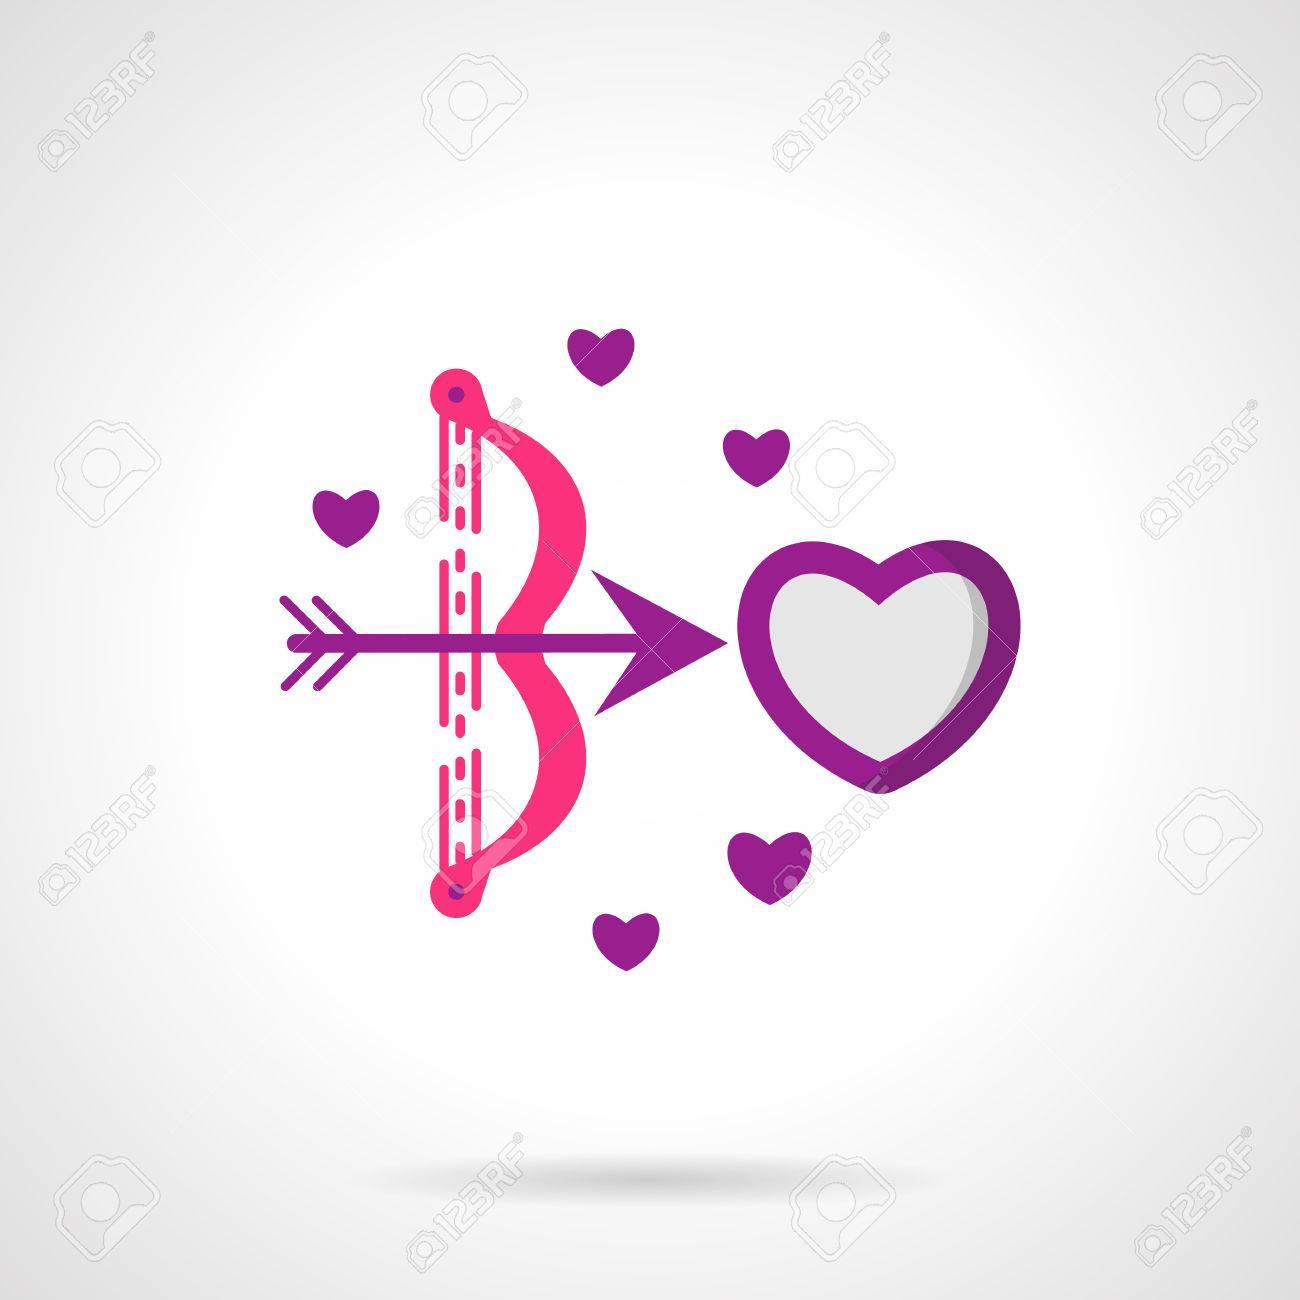 Amour Arco Con Flecha Rodaje De Corazón Caída En El Símbolo Del Amor Serie Del Día De San Valentín Rosa Brillante Y Púrpura Del Vector Icono Plana